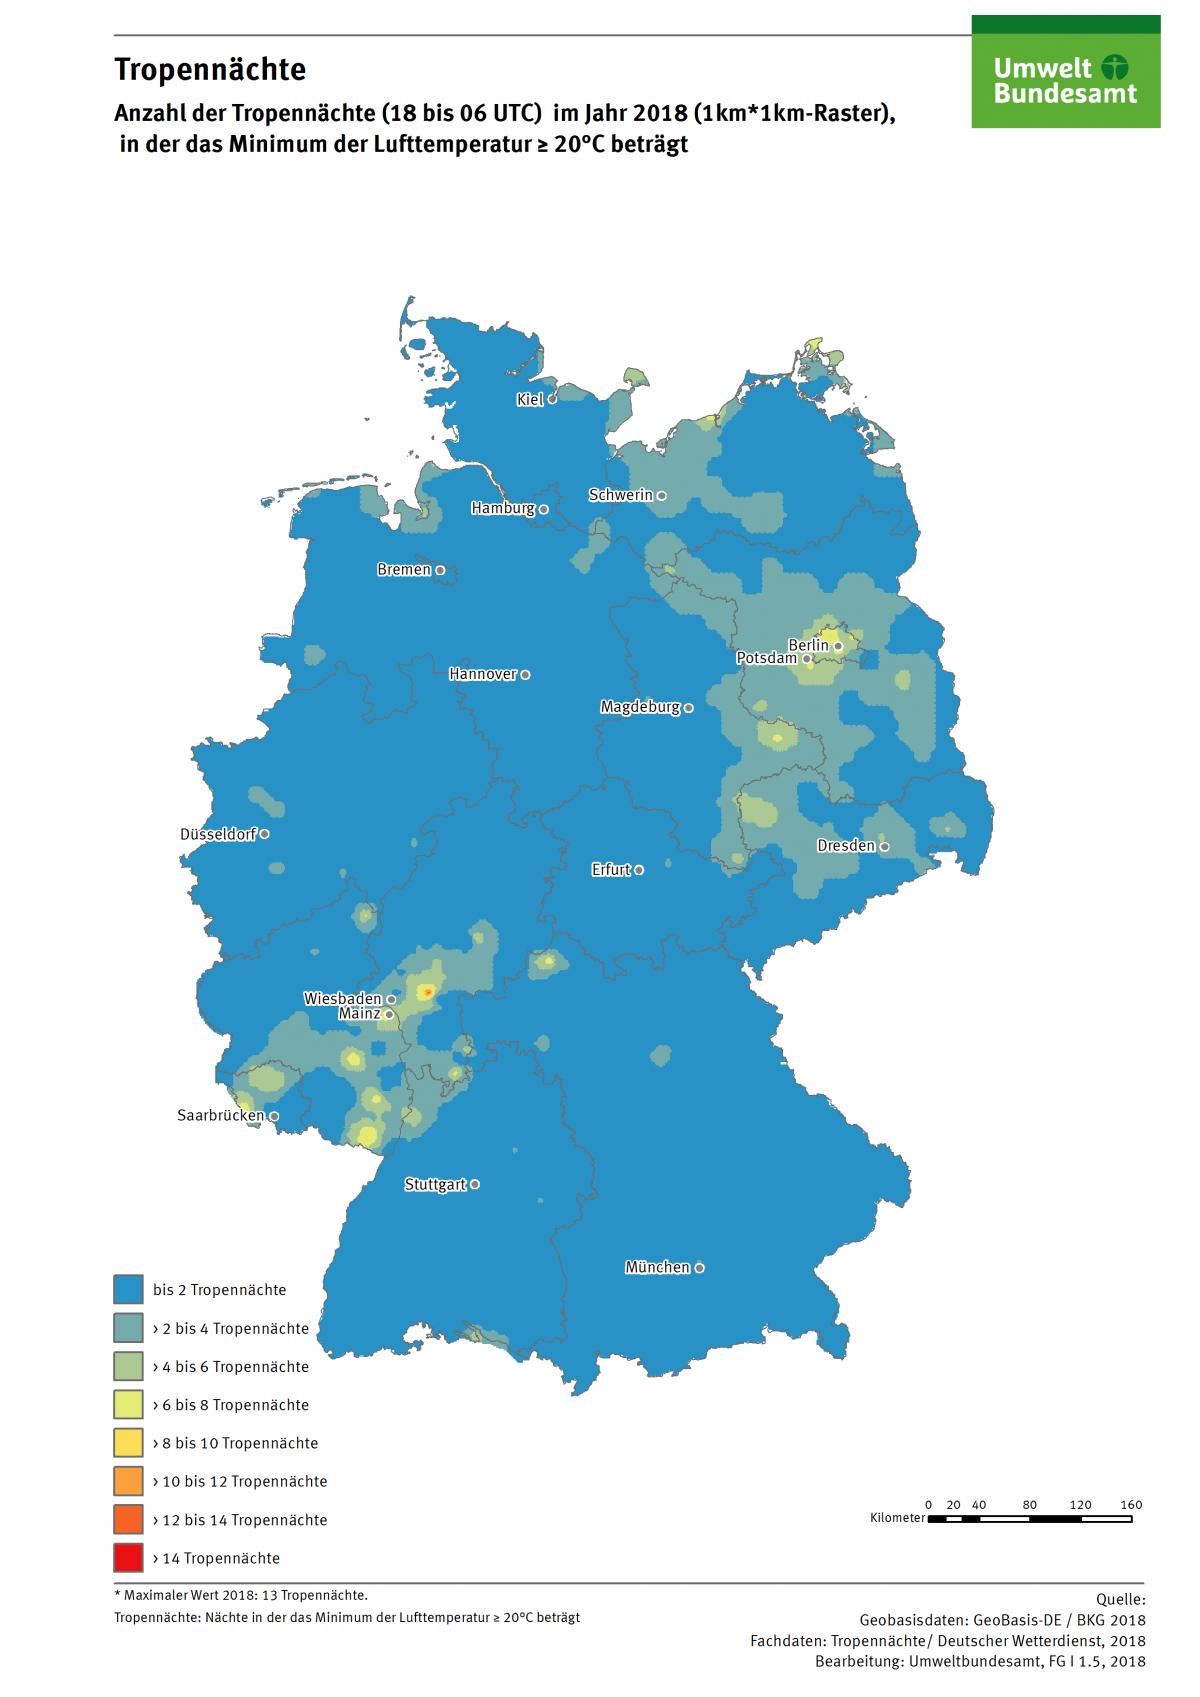 Die Karte zeigt die Anzahl der Tropennächte in Deutschland im Jahr 2018. In diesem Jahr gab es in einzelnen Regionen bis zu 13 Tropennächte.